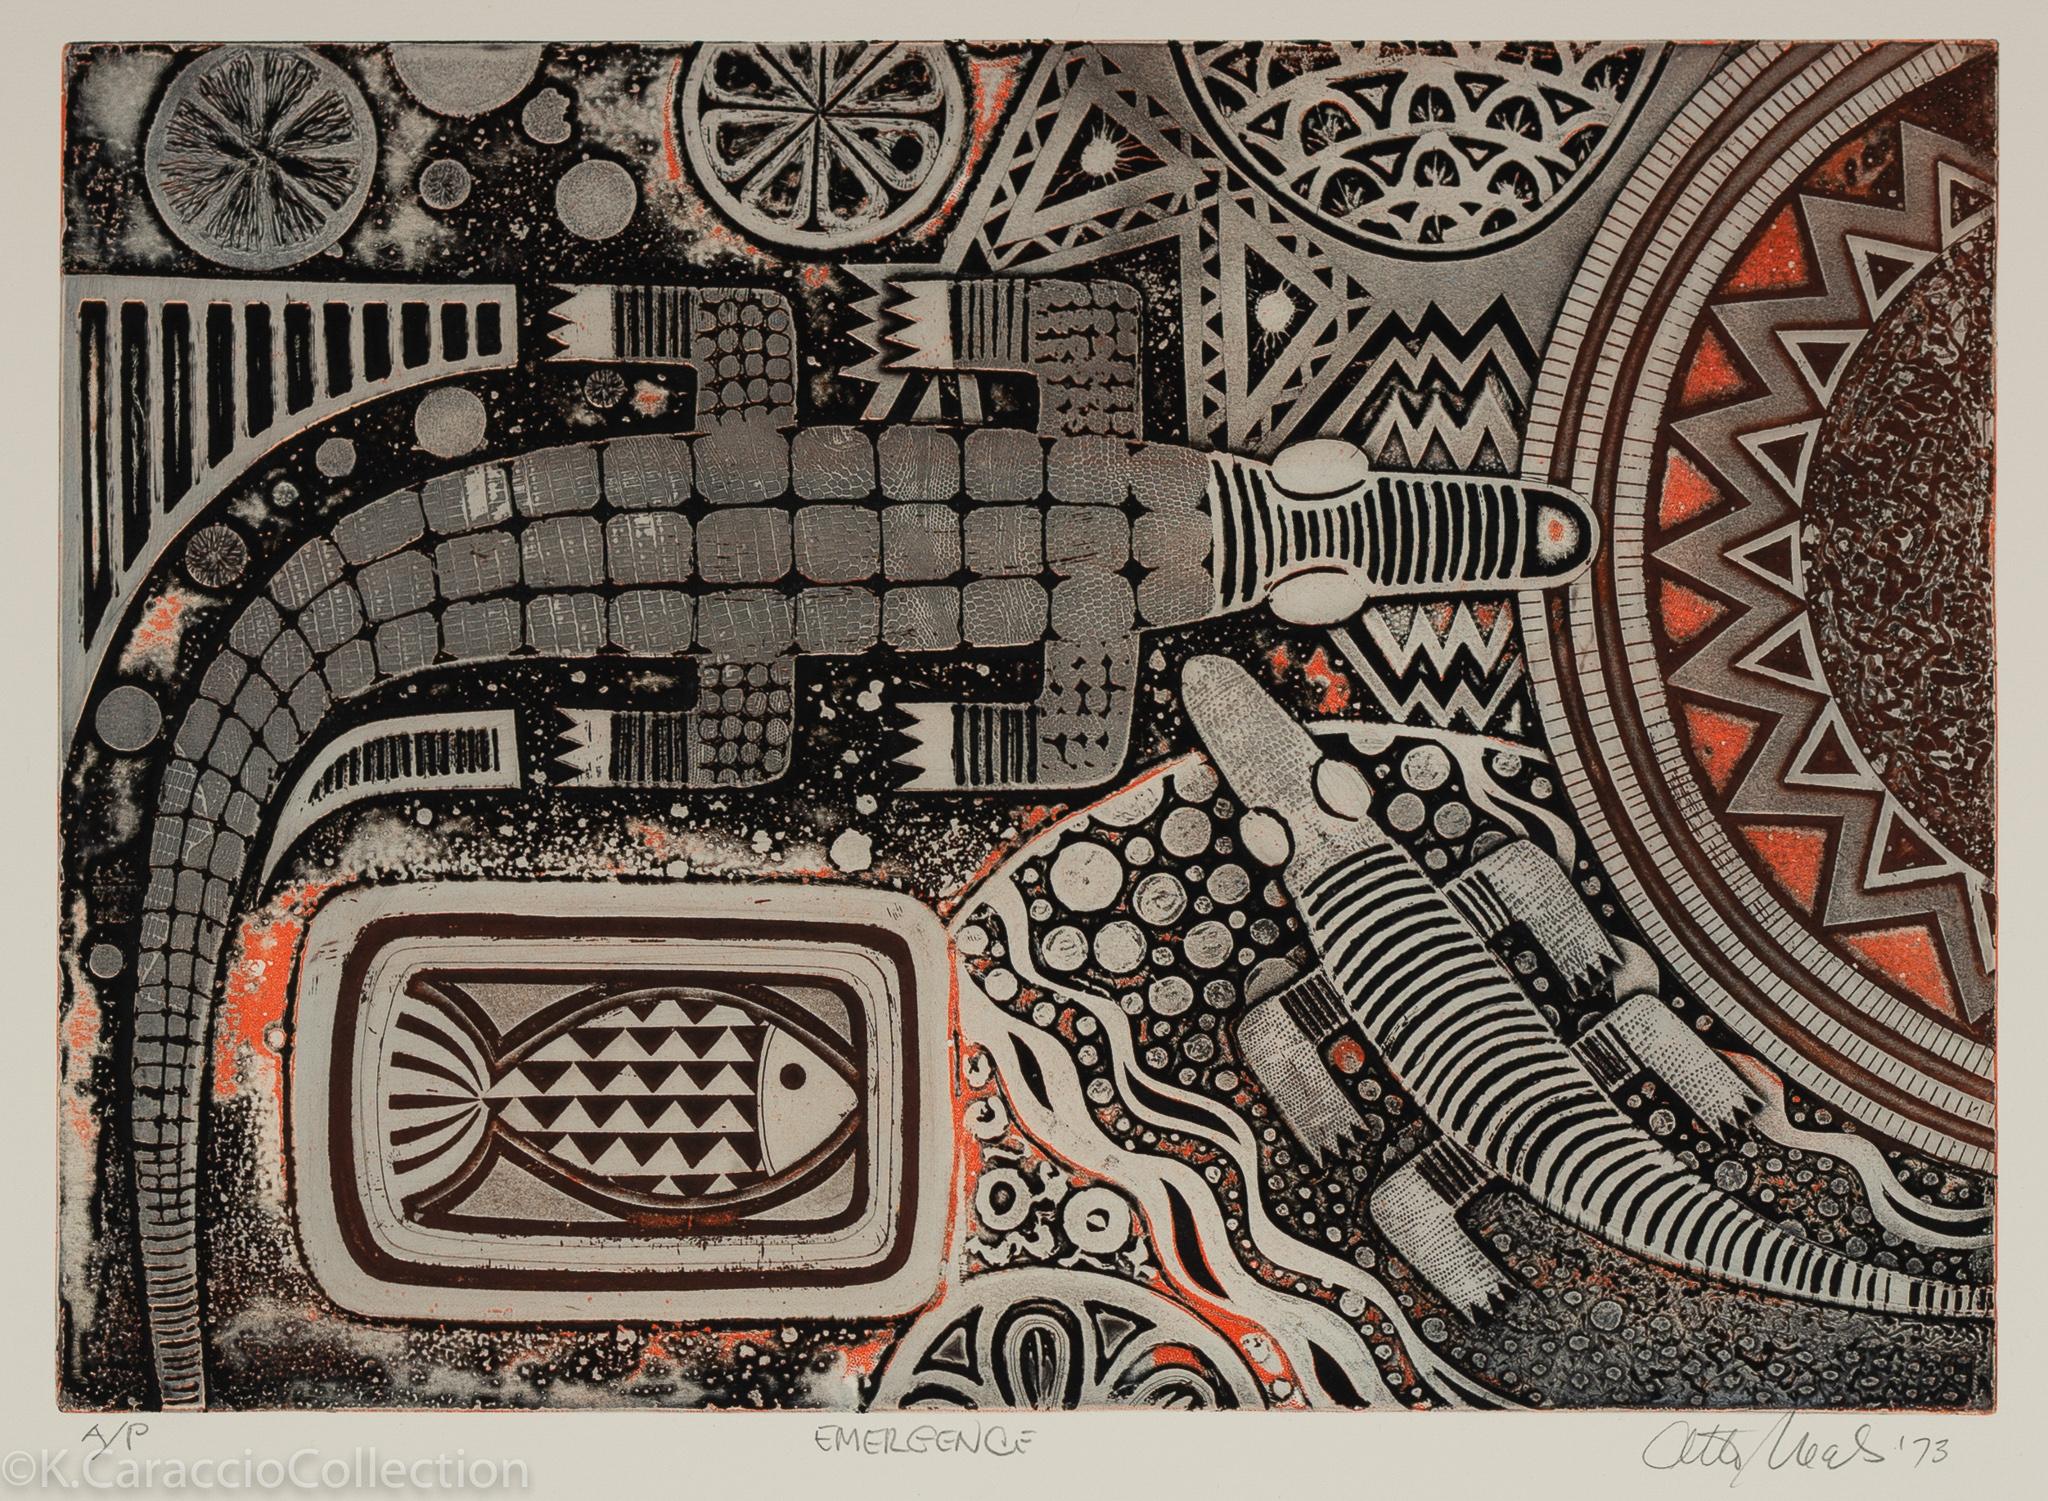 Emergence, 1973